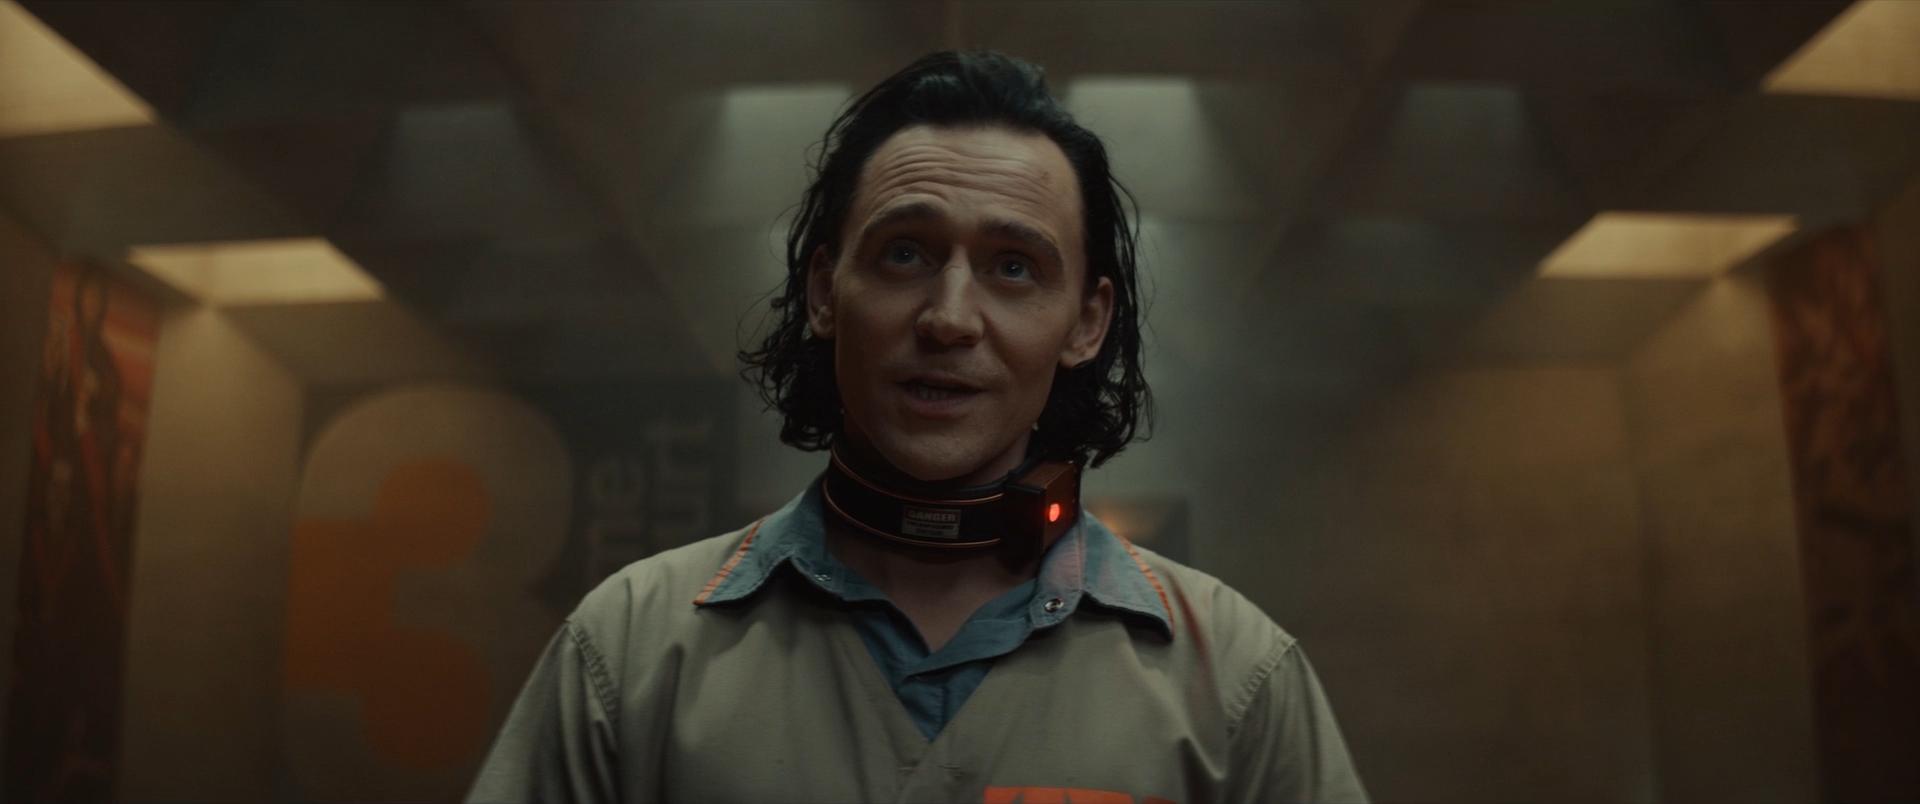 Изображение для Локи / Loki, Сезон 1, Серии 1-3 из 6 (2021) WEB-DLRip 1080p (кликните для просмотра полного изображения)